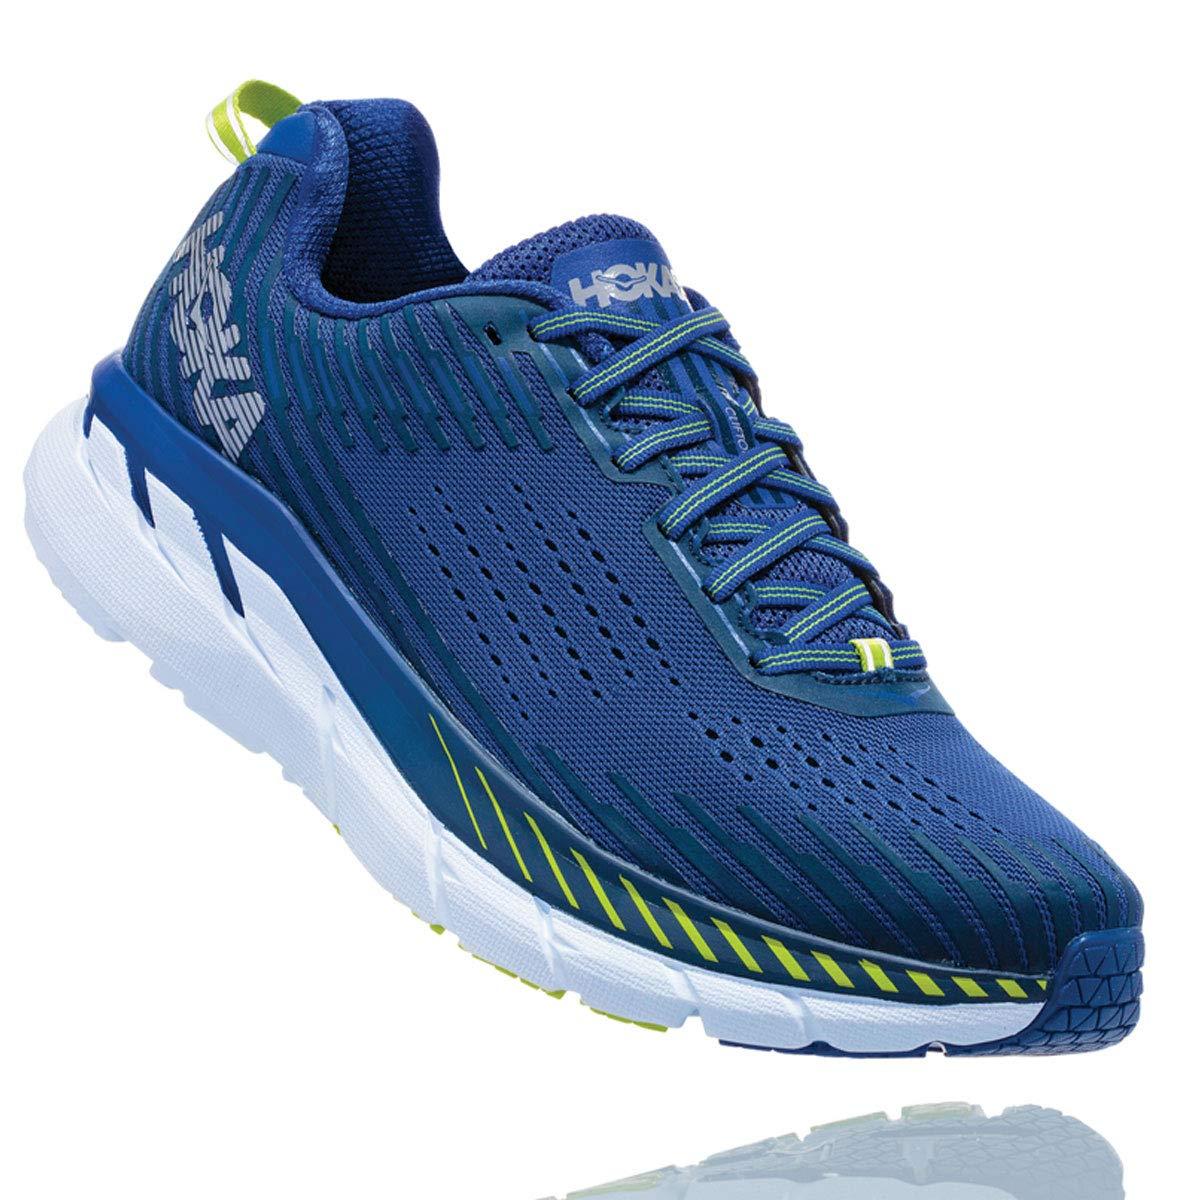 Bleu (Sodalitebleu Moodindigo Sbmi) HOKA Clifton 5, Chaussures de Running pour Homme 48 EU